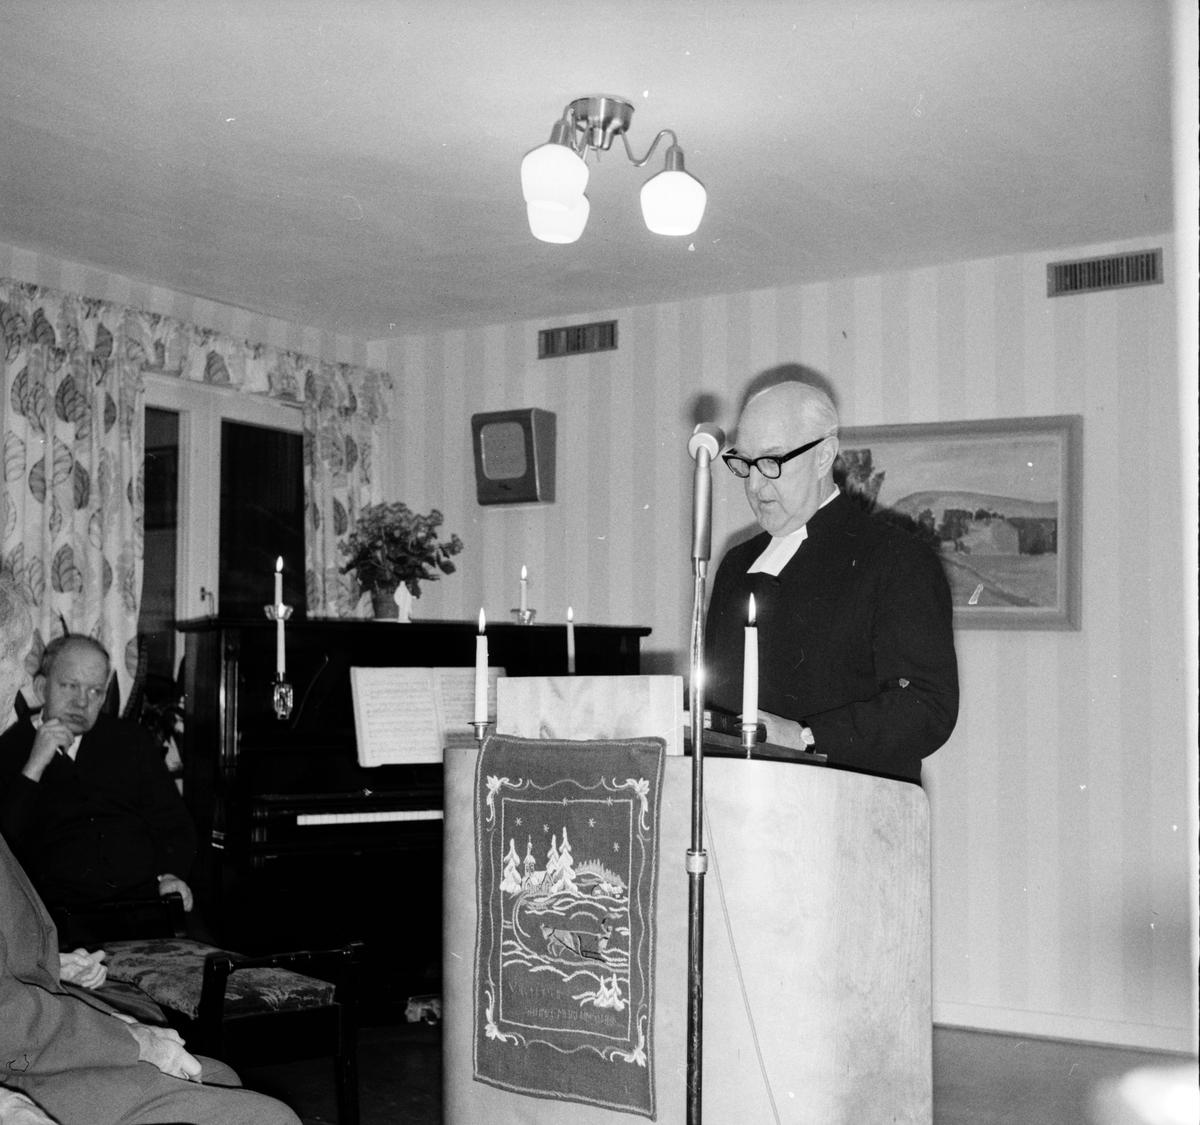 Arbrå, Julotta på Stenbacka, 1967